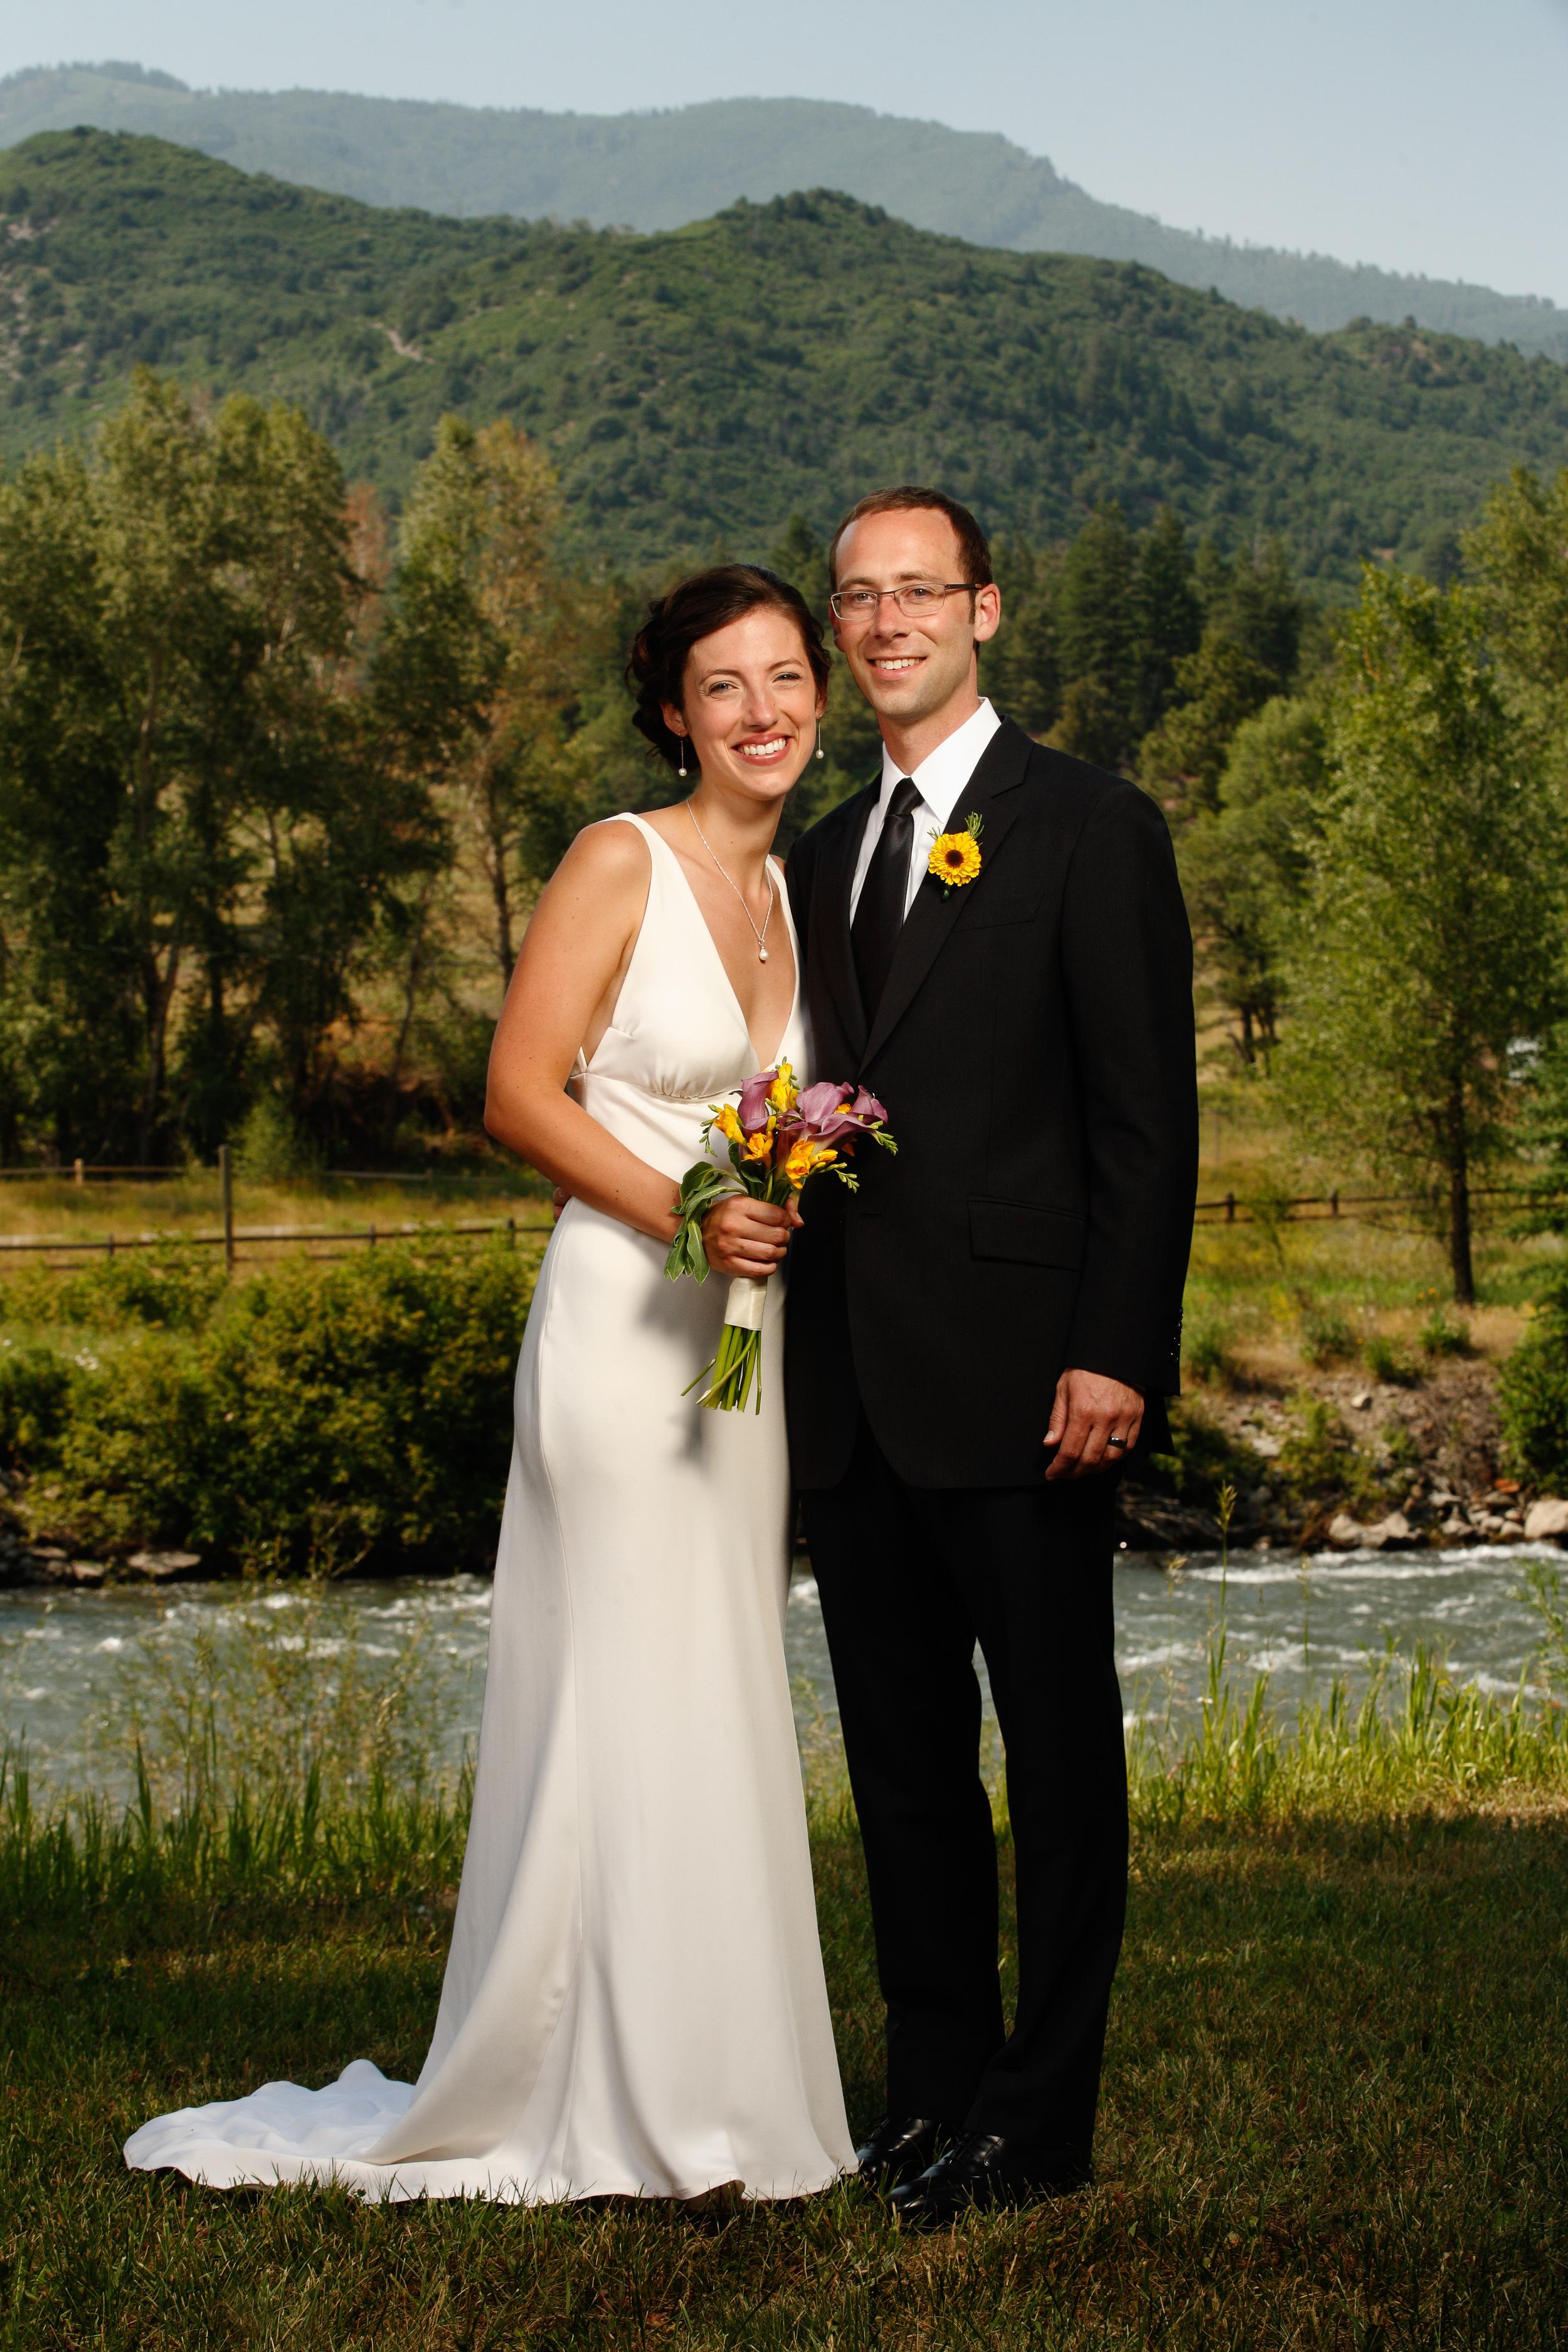 Weddings-JR-028.jpg